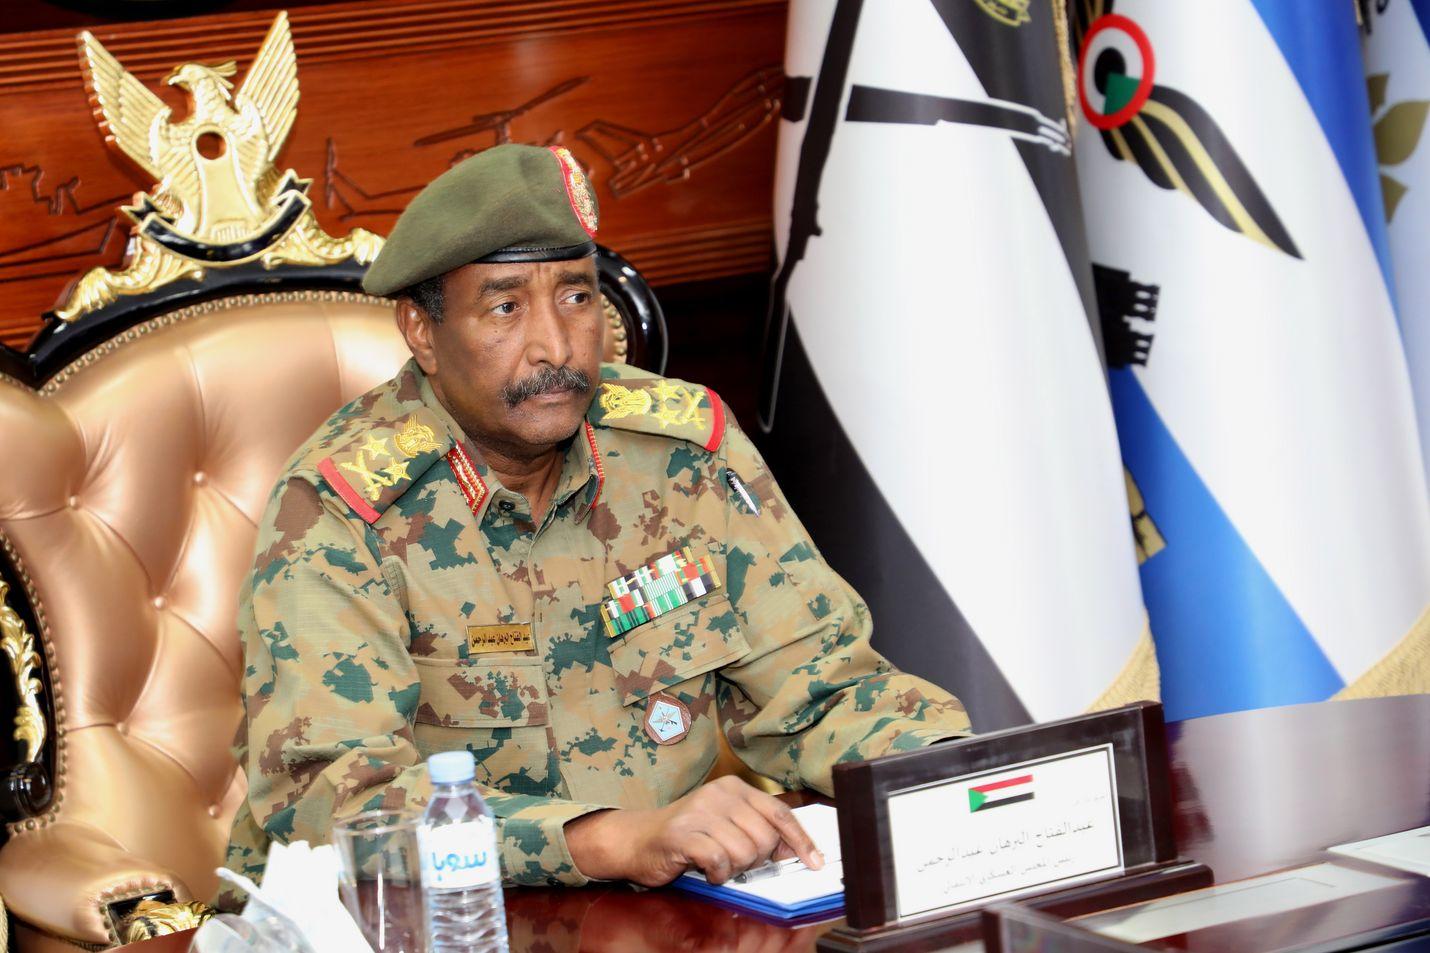 Abdel Fattah Abdelrahman Burhan johtaa Sudanin väliaikaista sotilashallintoa.